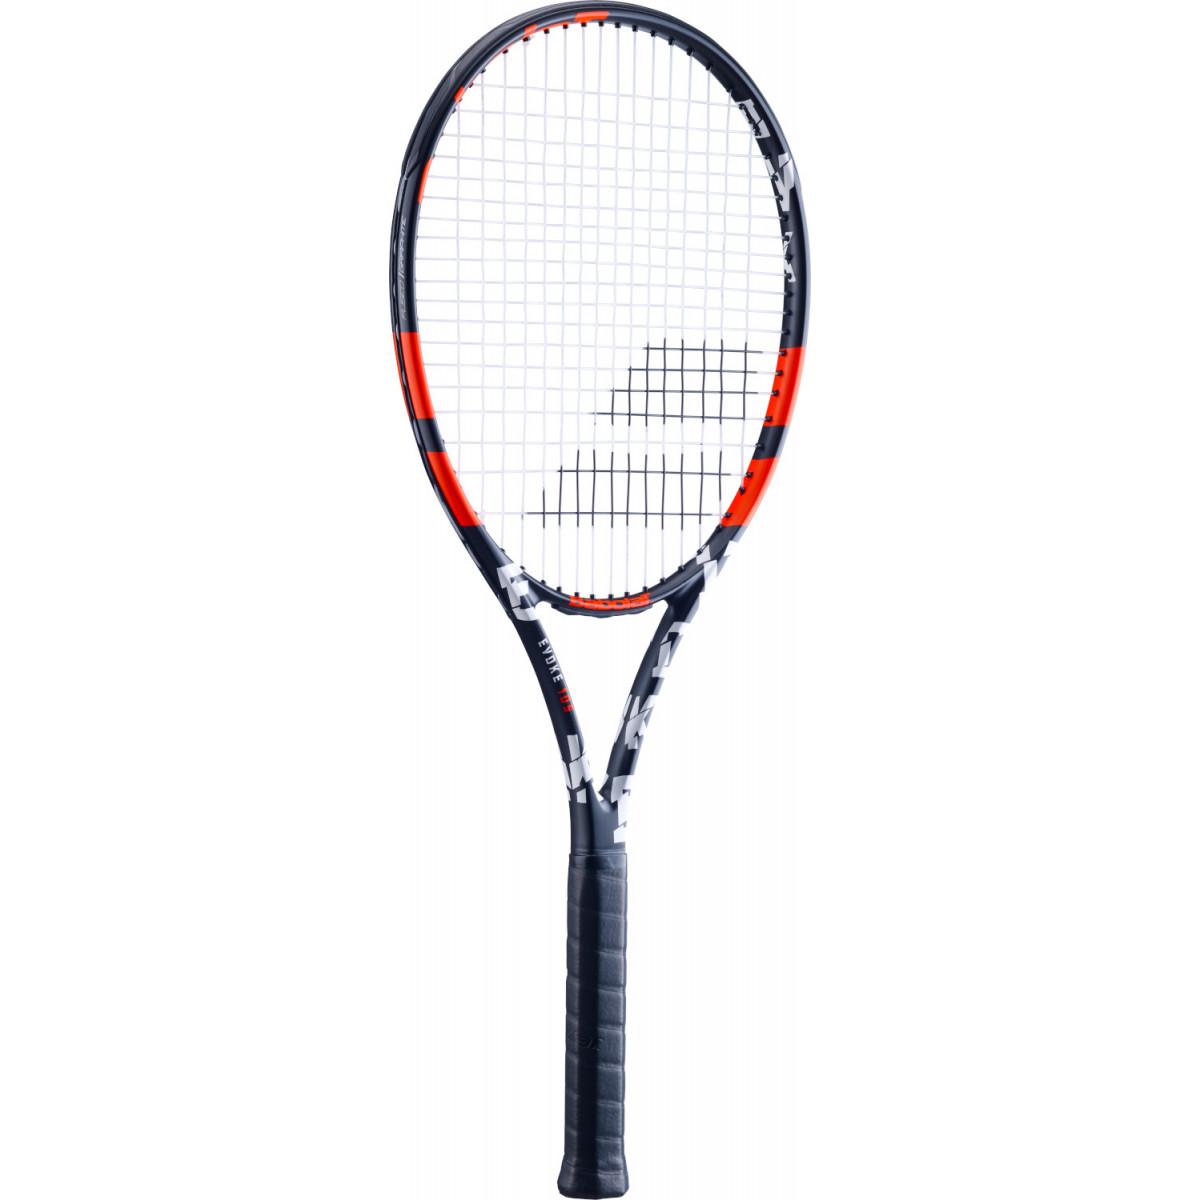 Raquete de Tênis Babolat Evoke 105 - Preto/Vermelho  - REAL ESPORTE